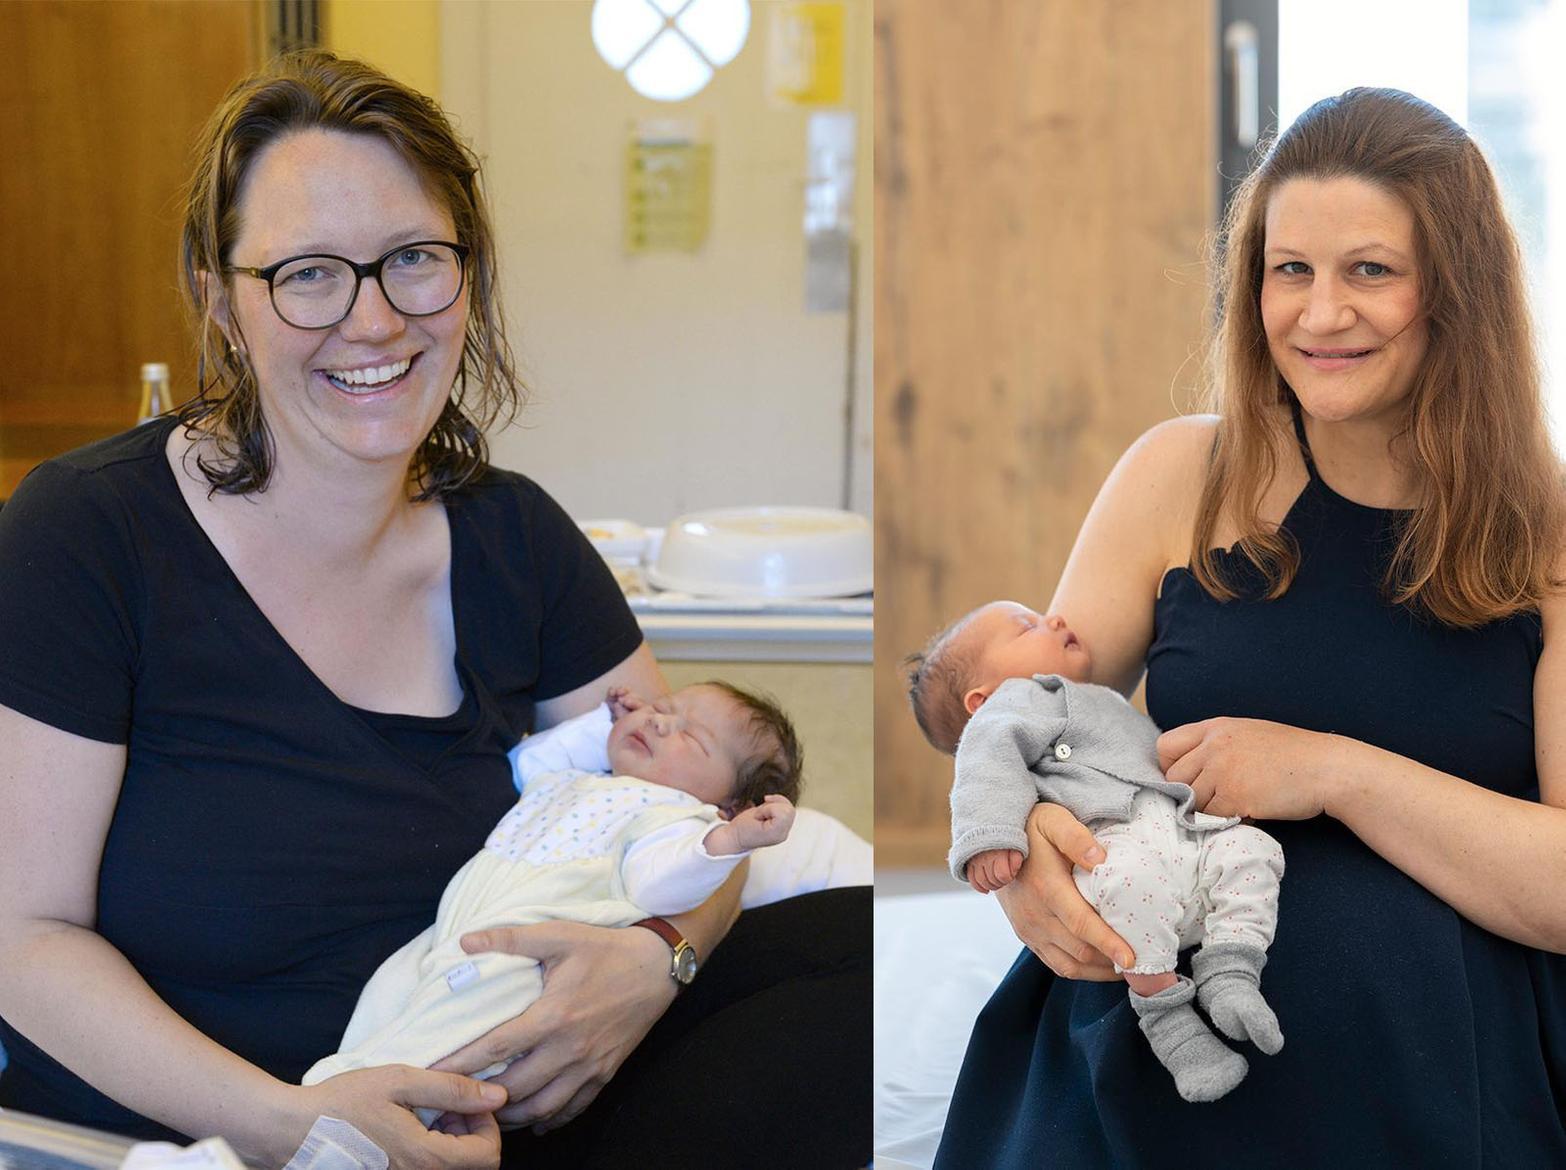 Letzte Geburt in der Maistraße und erste Geburt im neuen Klinikum Innenstadt